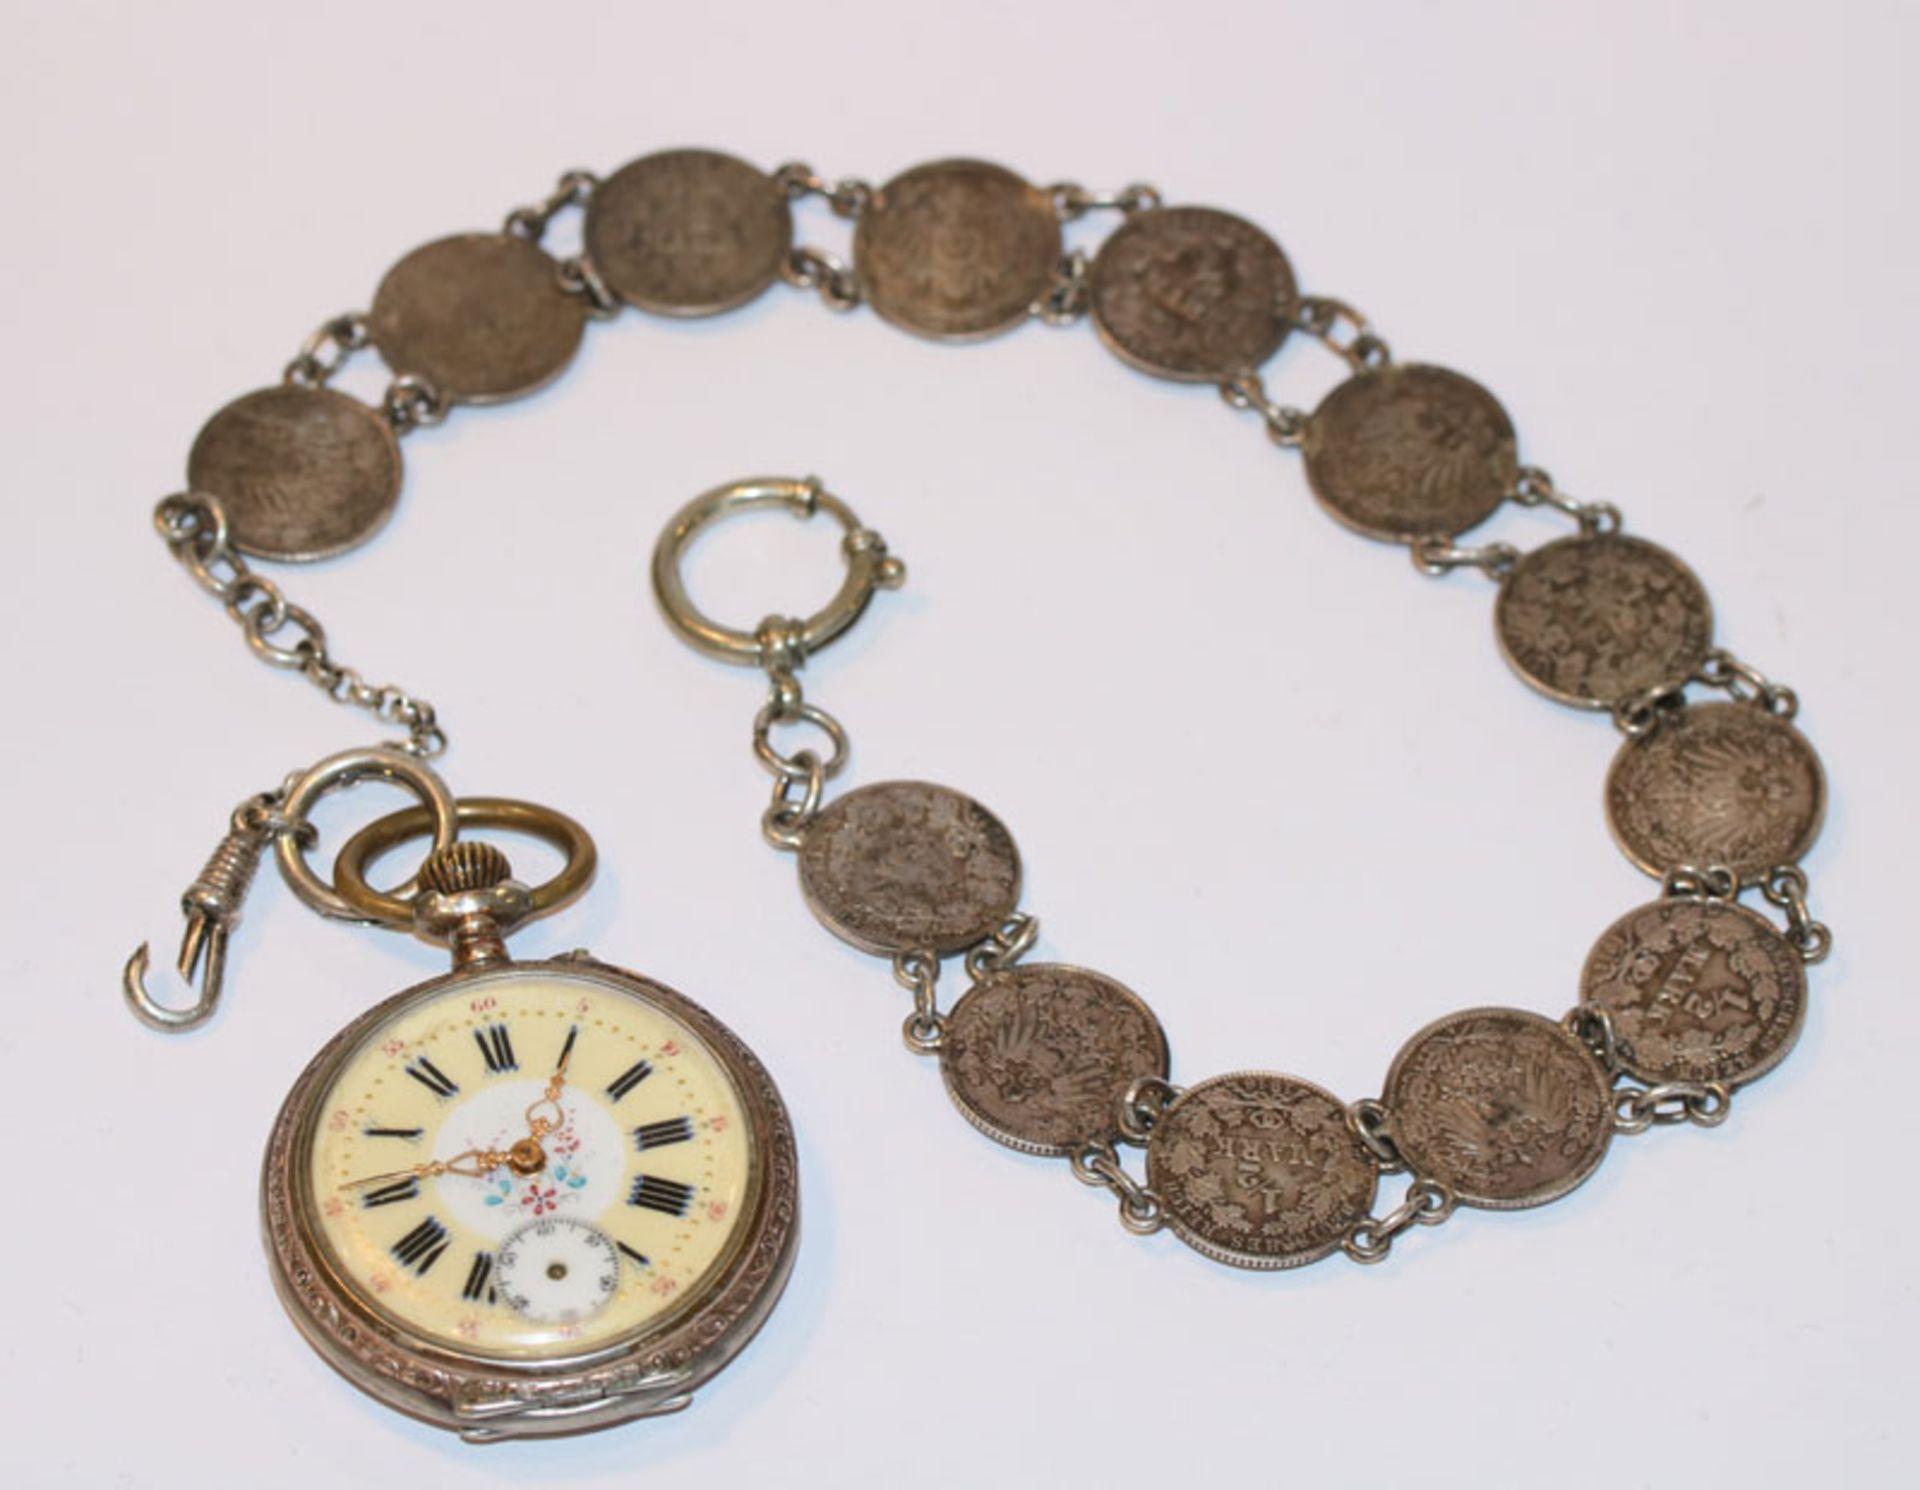 Los 50 - Silber Taschenuhr mit verziertem Zifferblatt, Sekundenzeiger fehlt, intakt, rückseitig mit